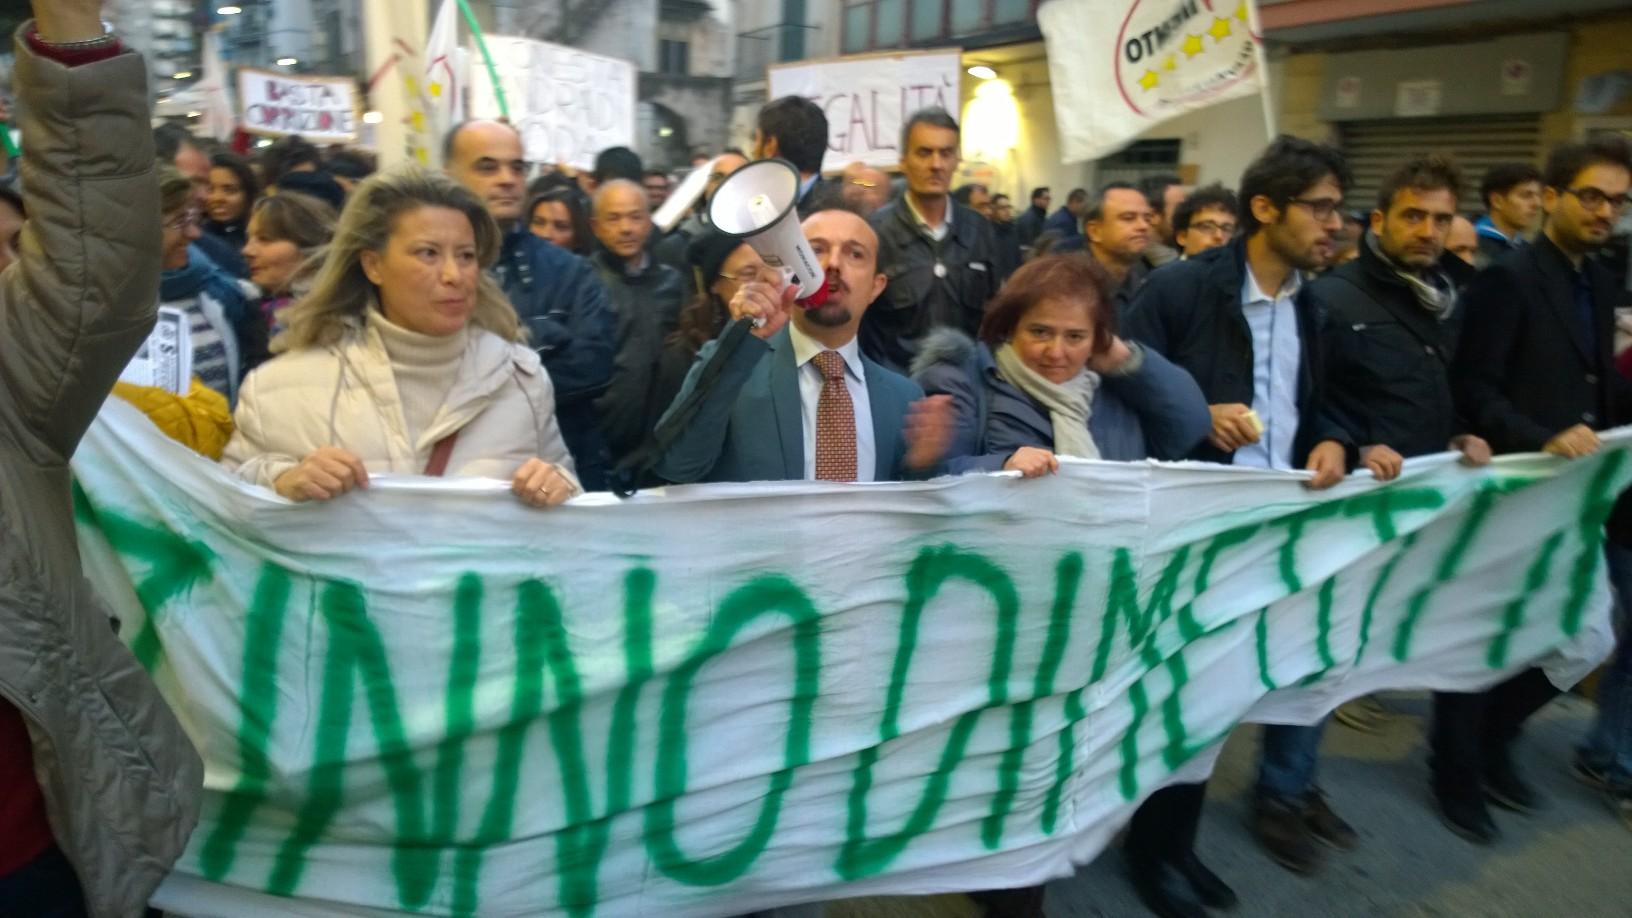 """Il Movimento 5 Stelle in piazza a San Giorgio: """"Zinno dimettiti"""" e le solite accuse ai giornalisti (non allineati a Grillo)"""